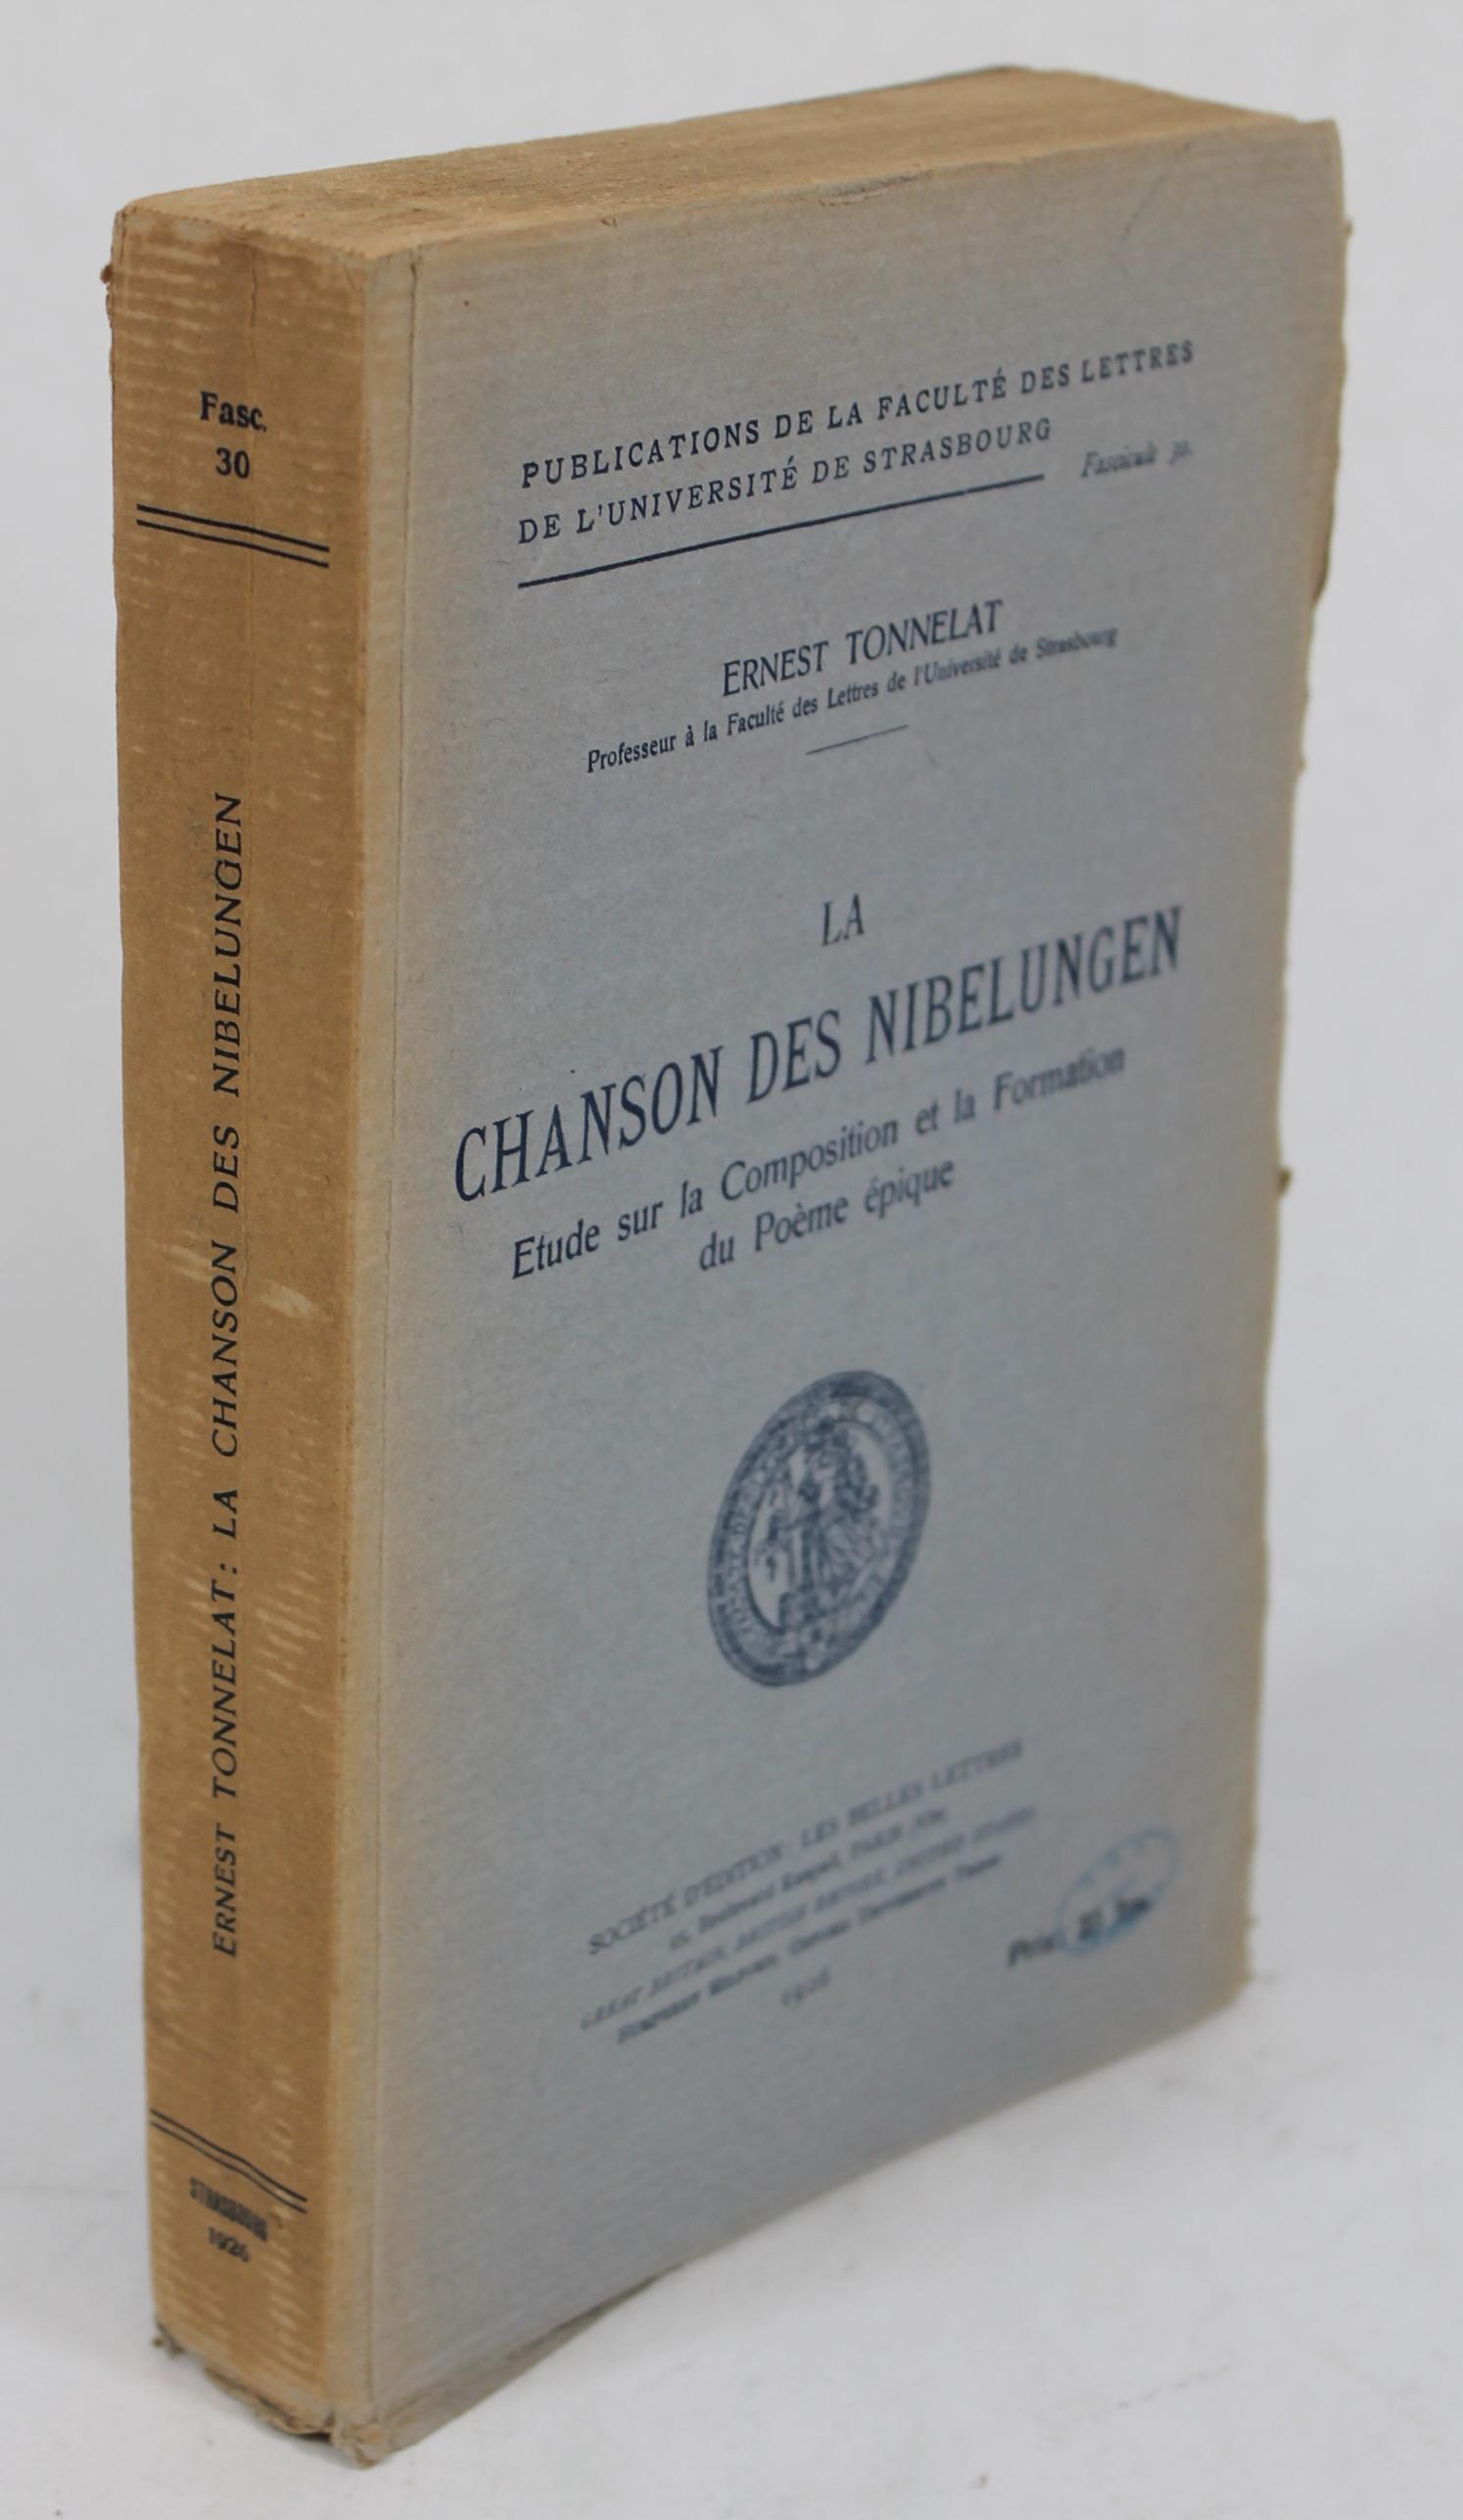 La Chanson des Nibelungen; Etude sur la Composition et la Formation du Poeme Epique BWB22739659